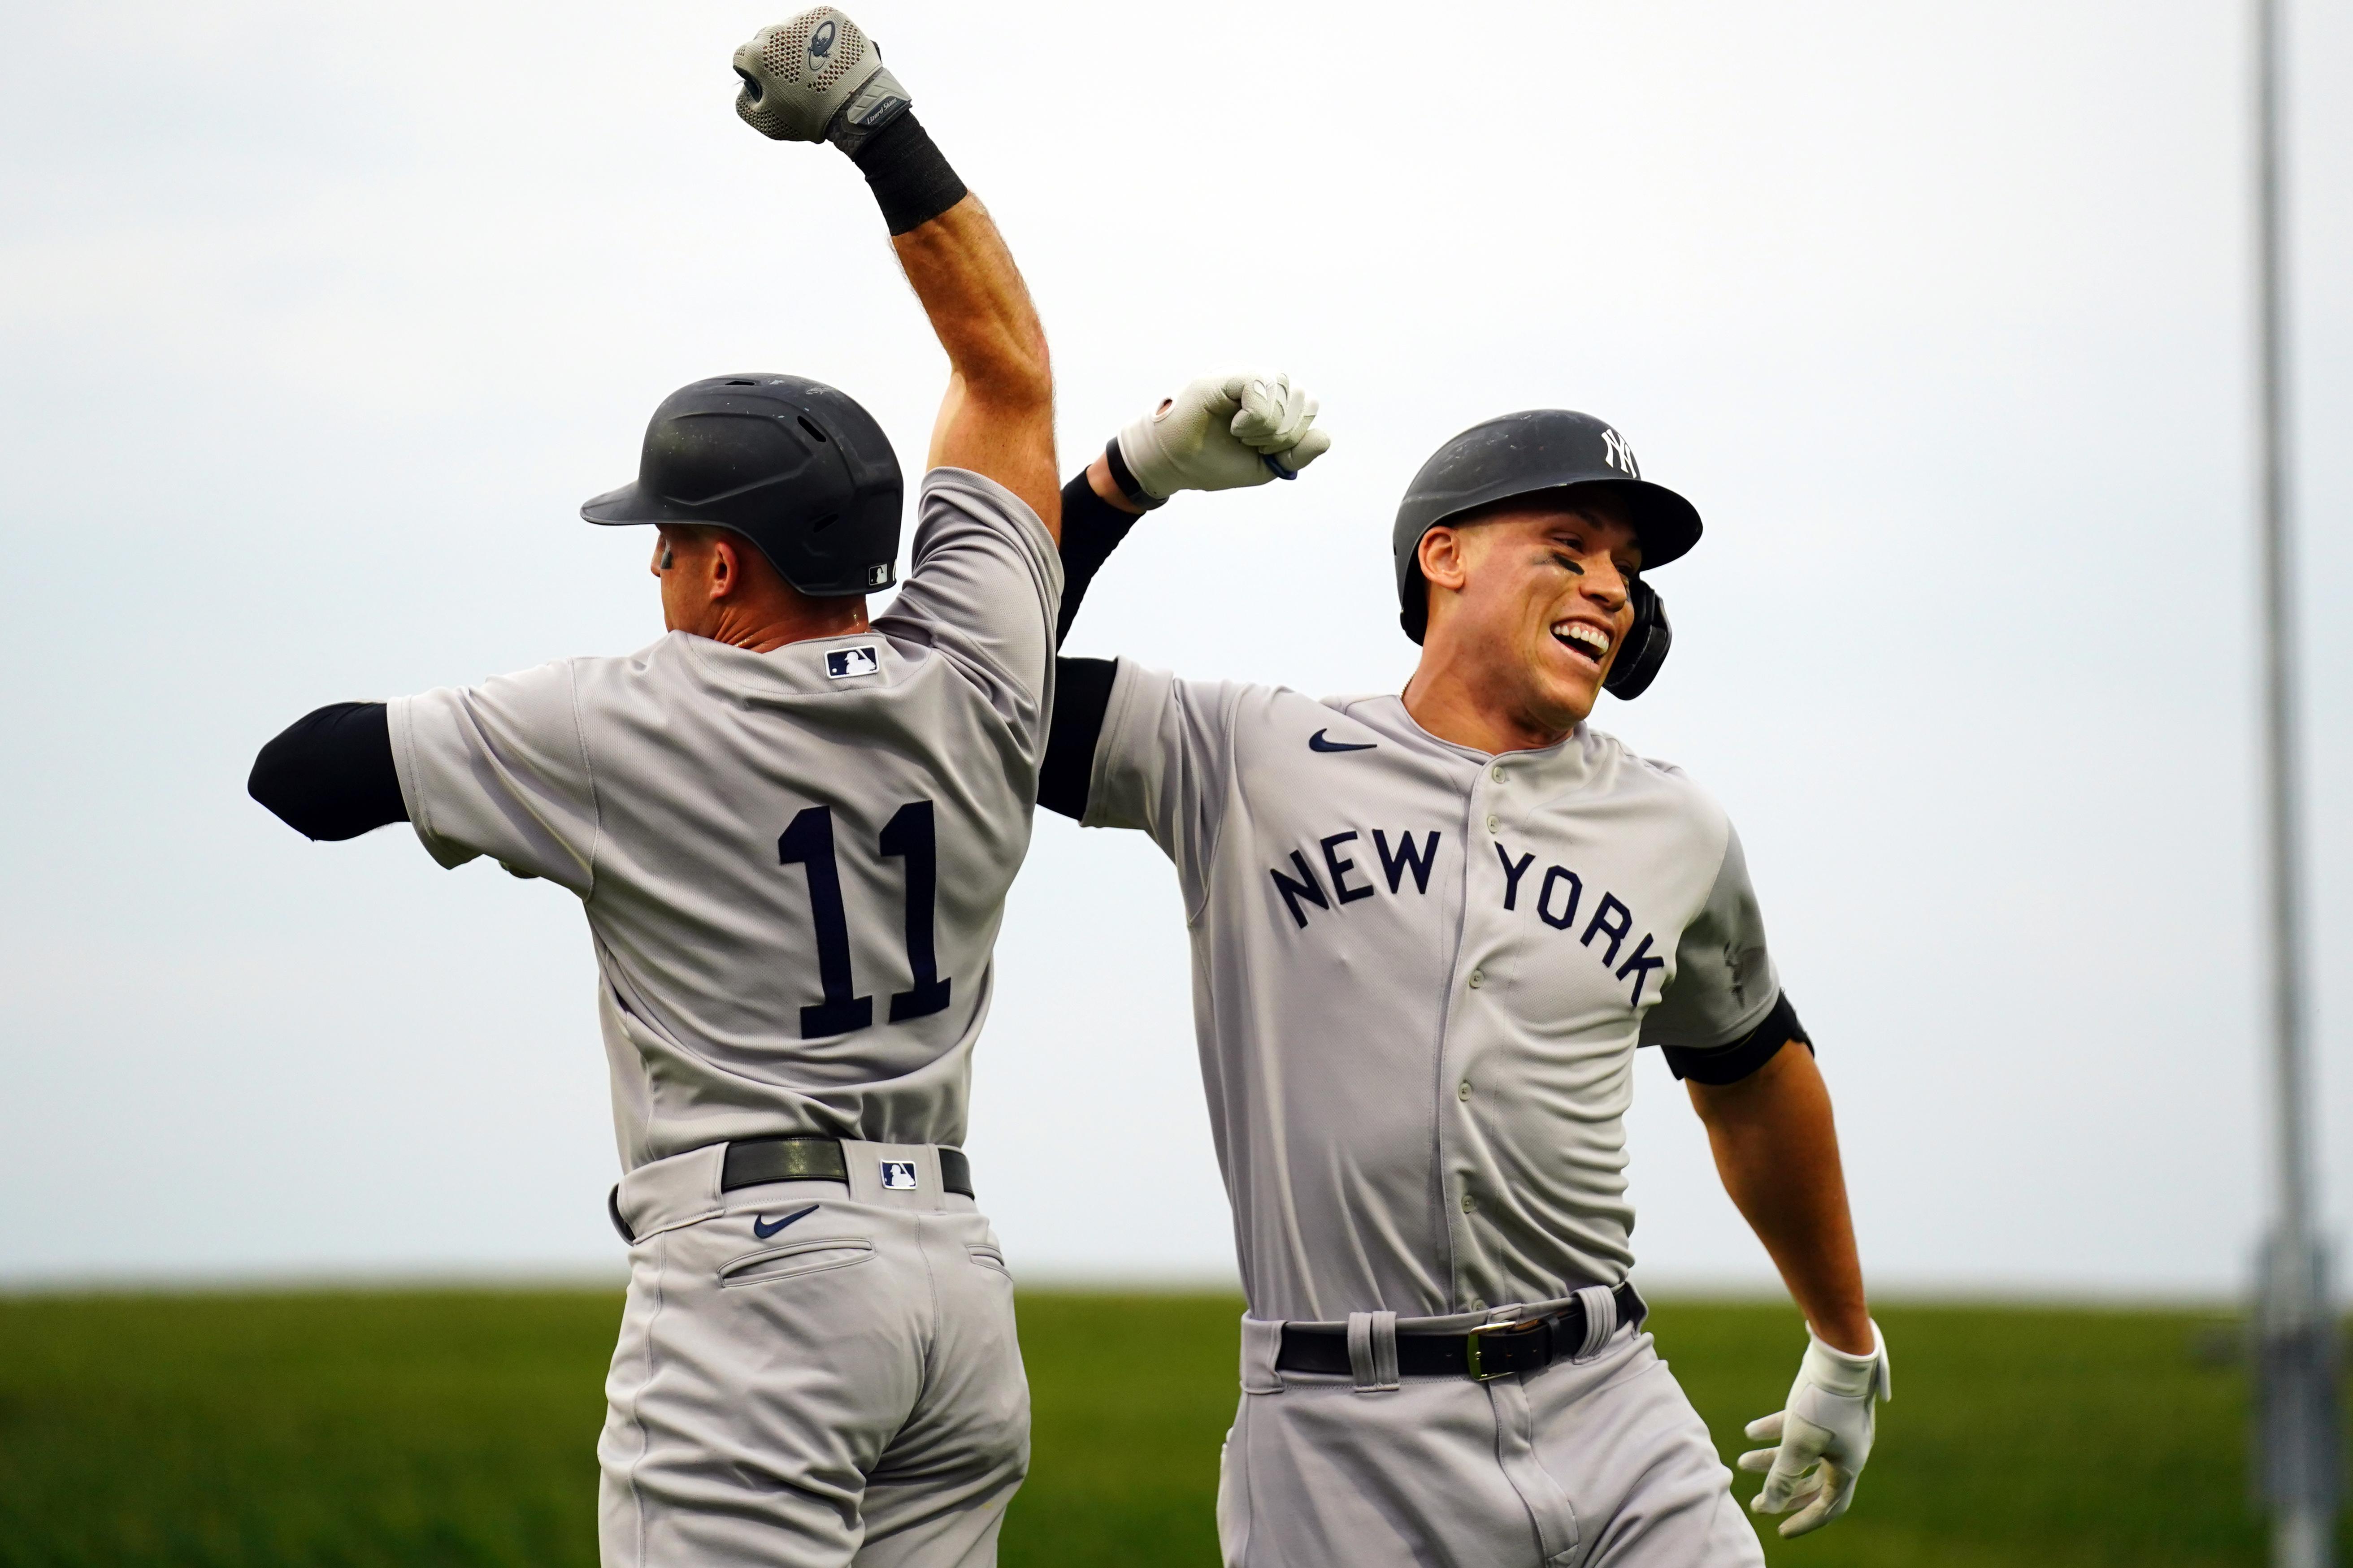 New York Yankees v. Chicago White Sox